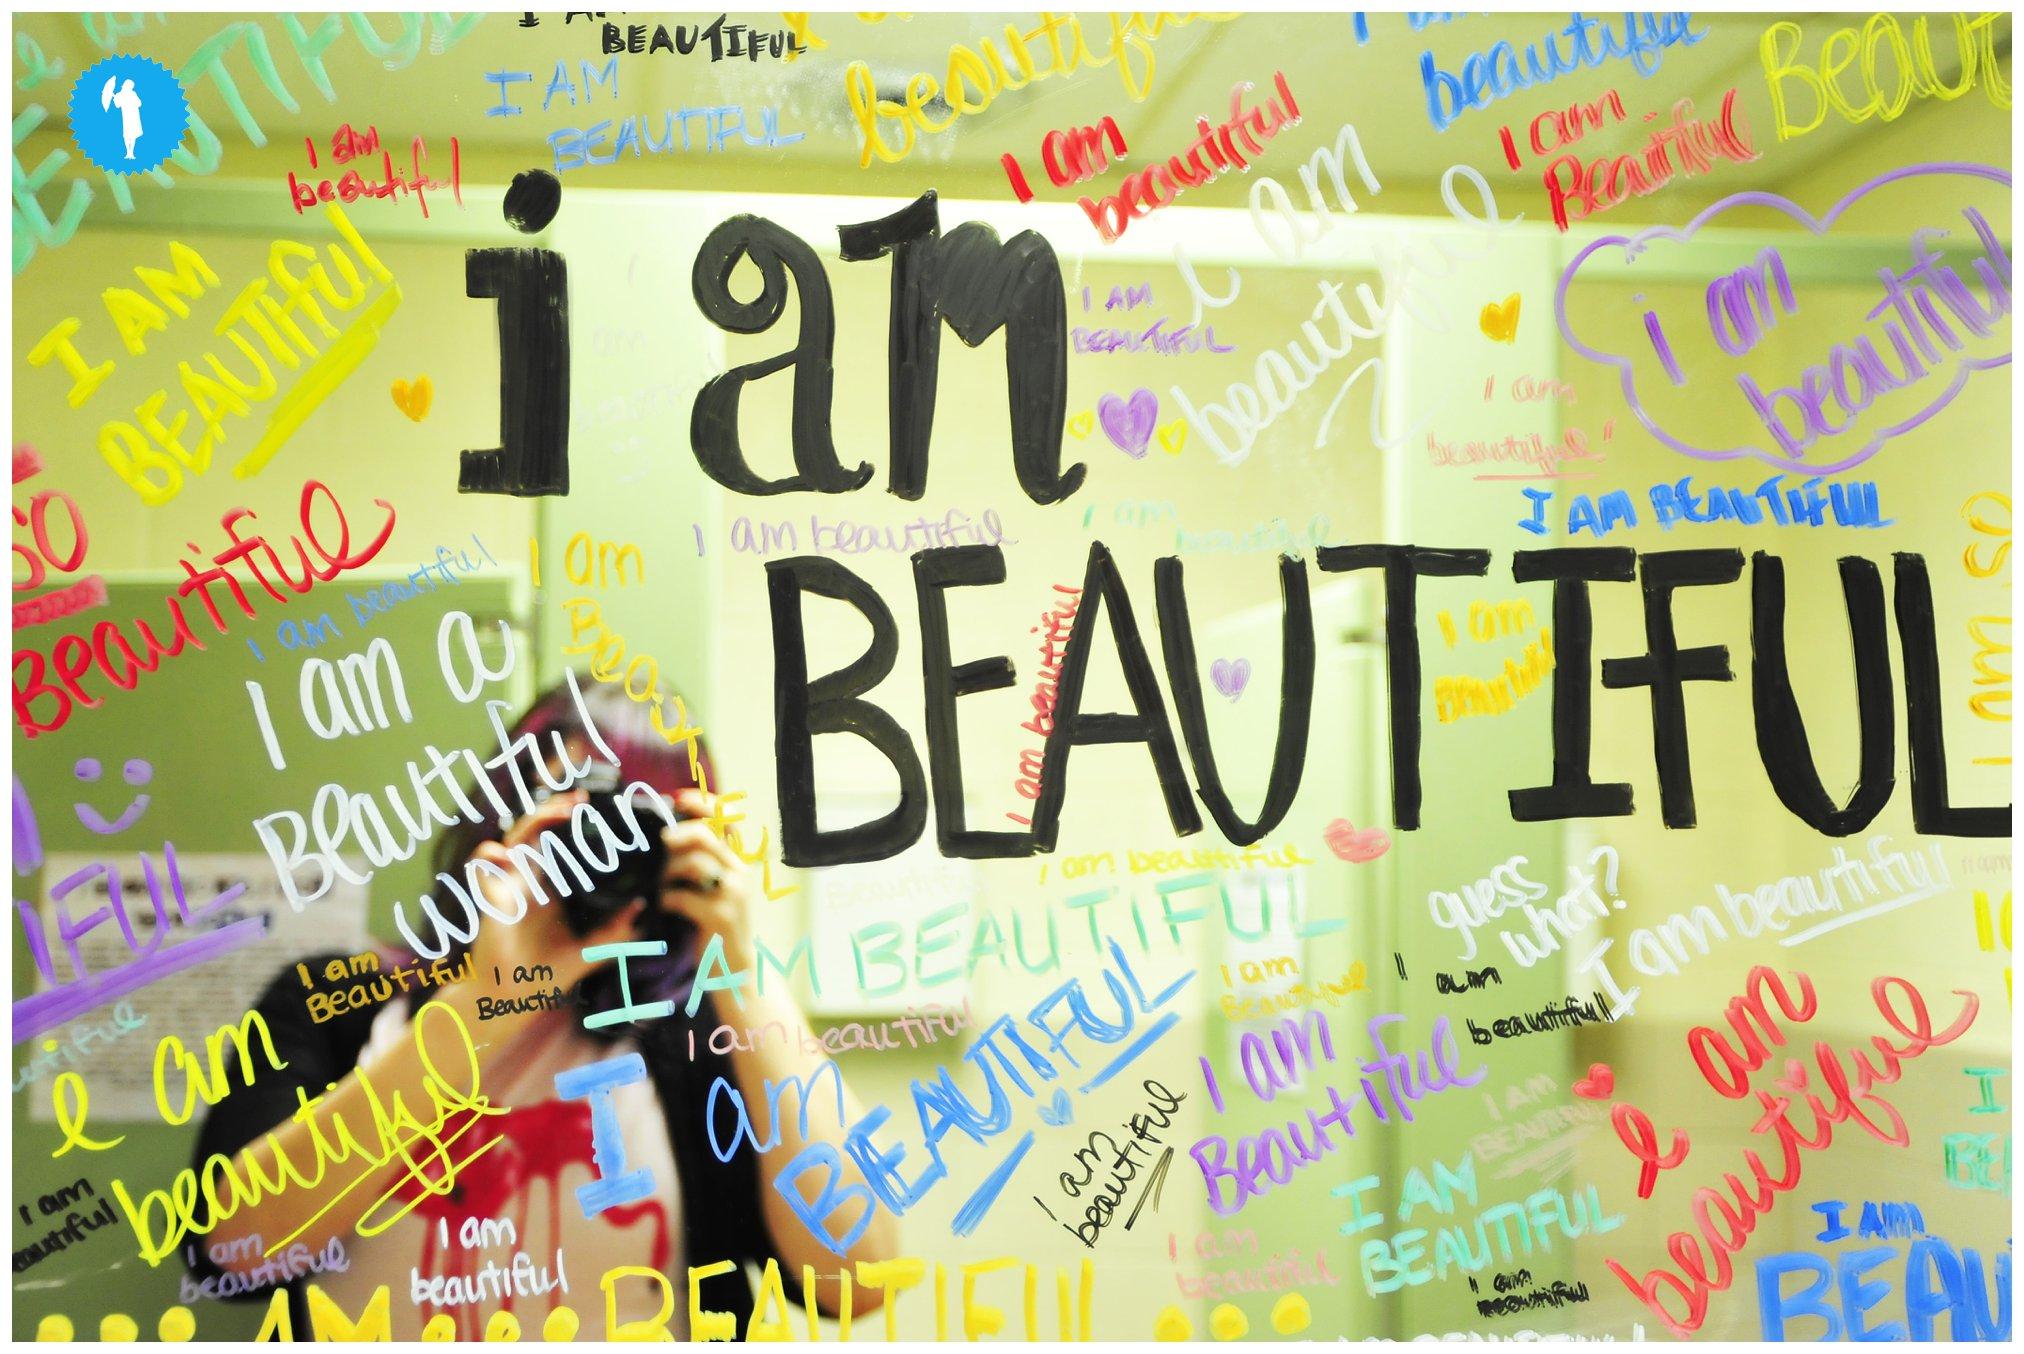 I am Beautiful photo by Emily Beatty Imagery, 2013.